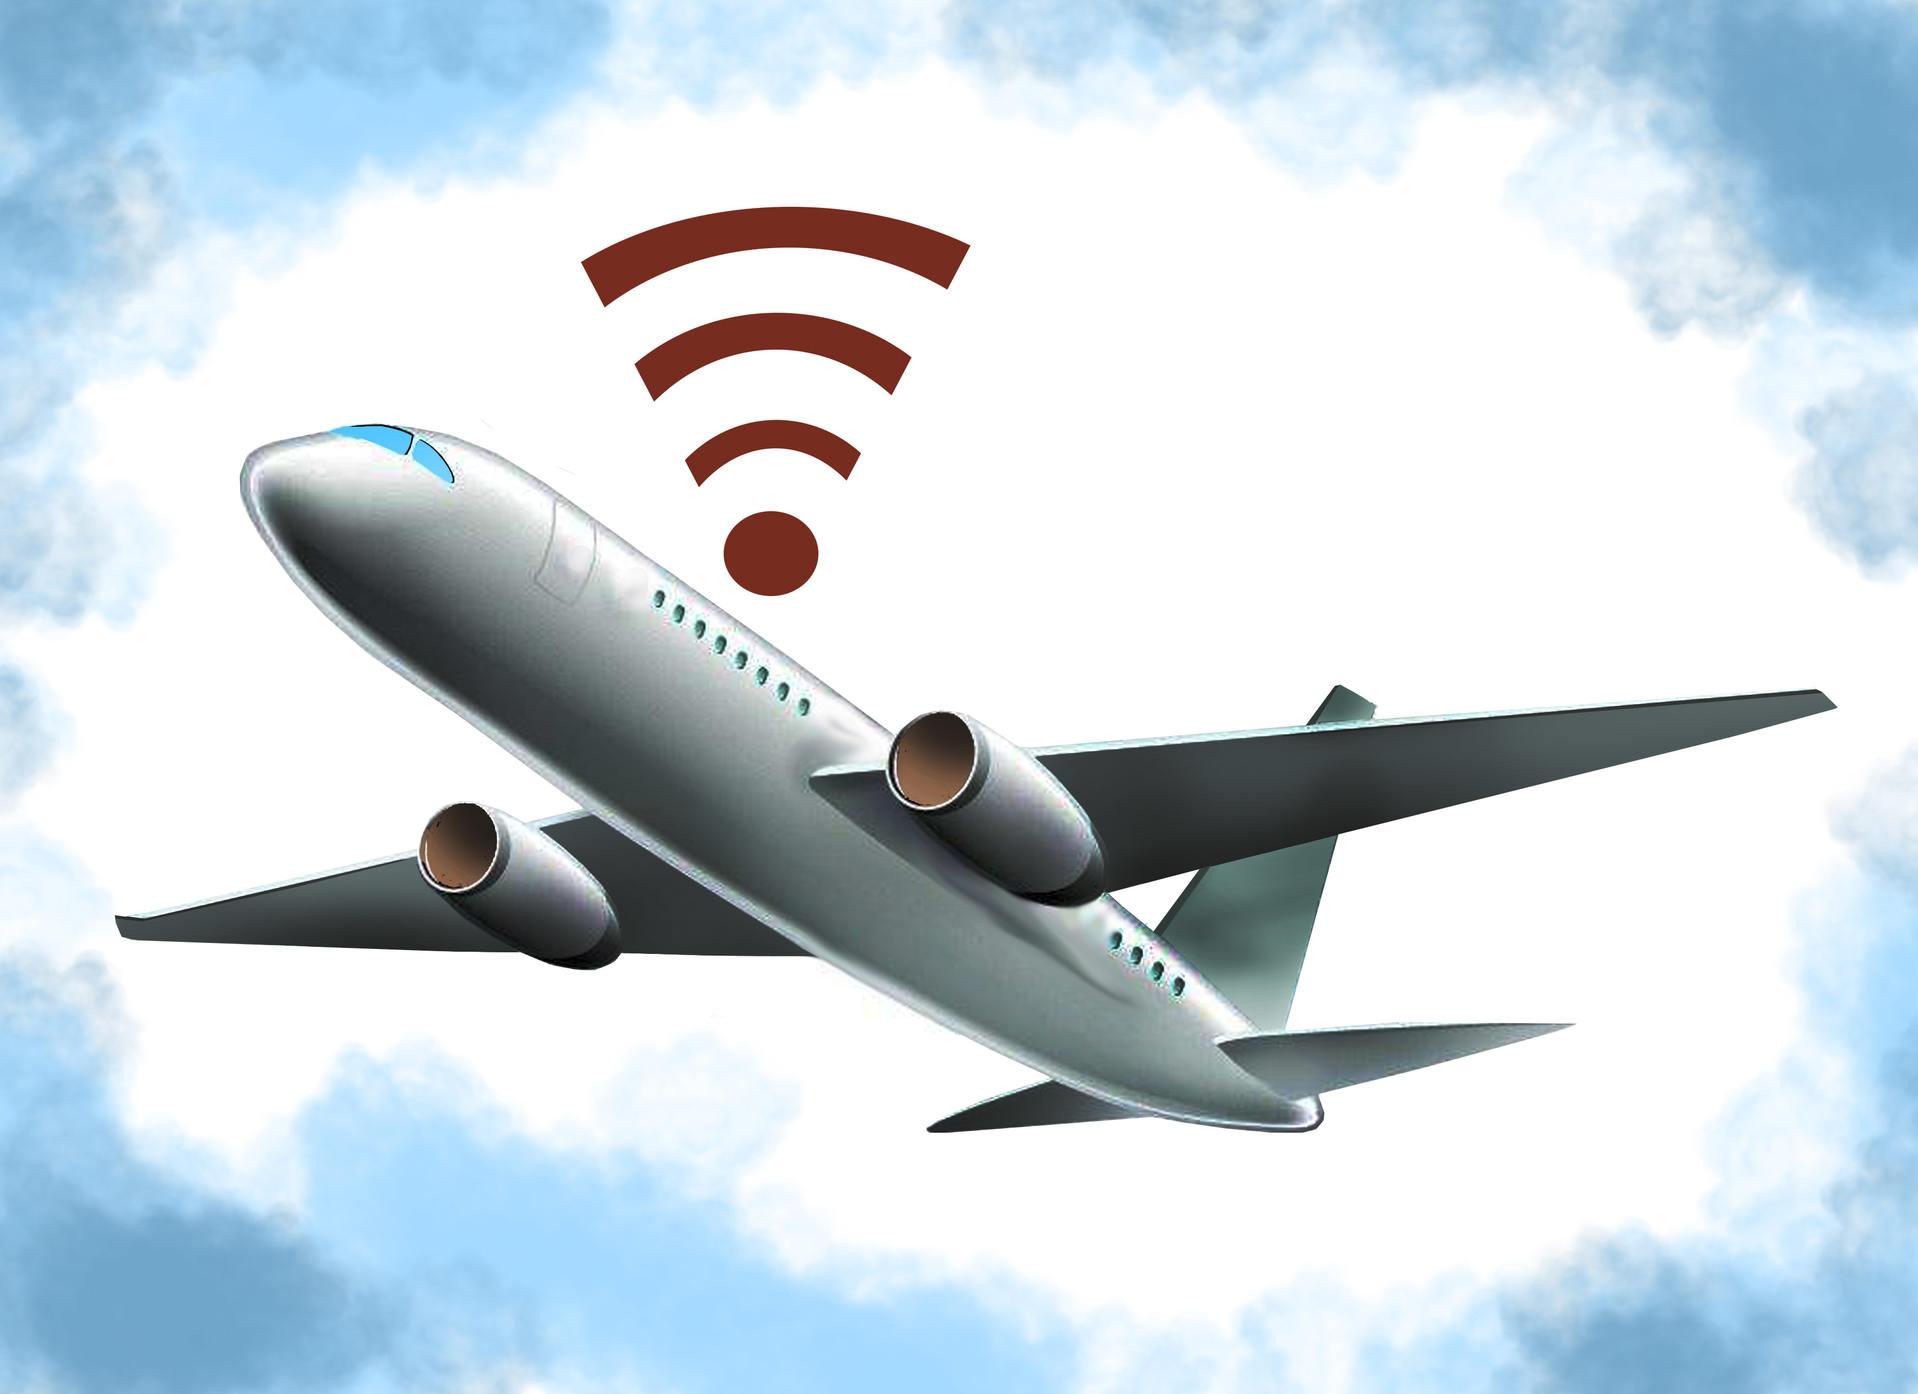 """国航也""""欢迎开机""""! 国内13家航空公司解禁空中用手机"""